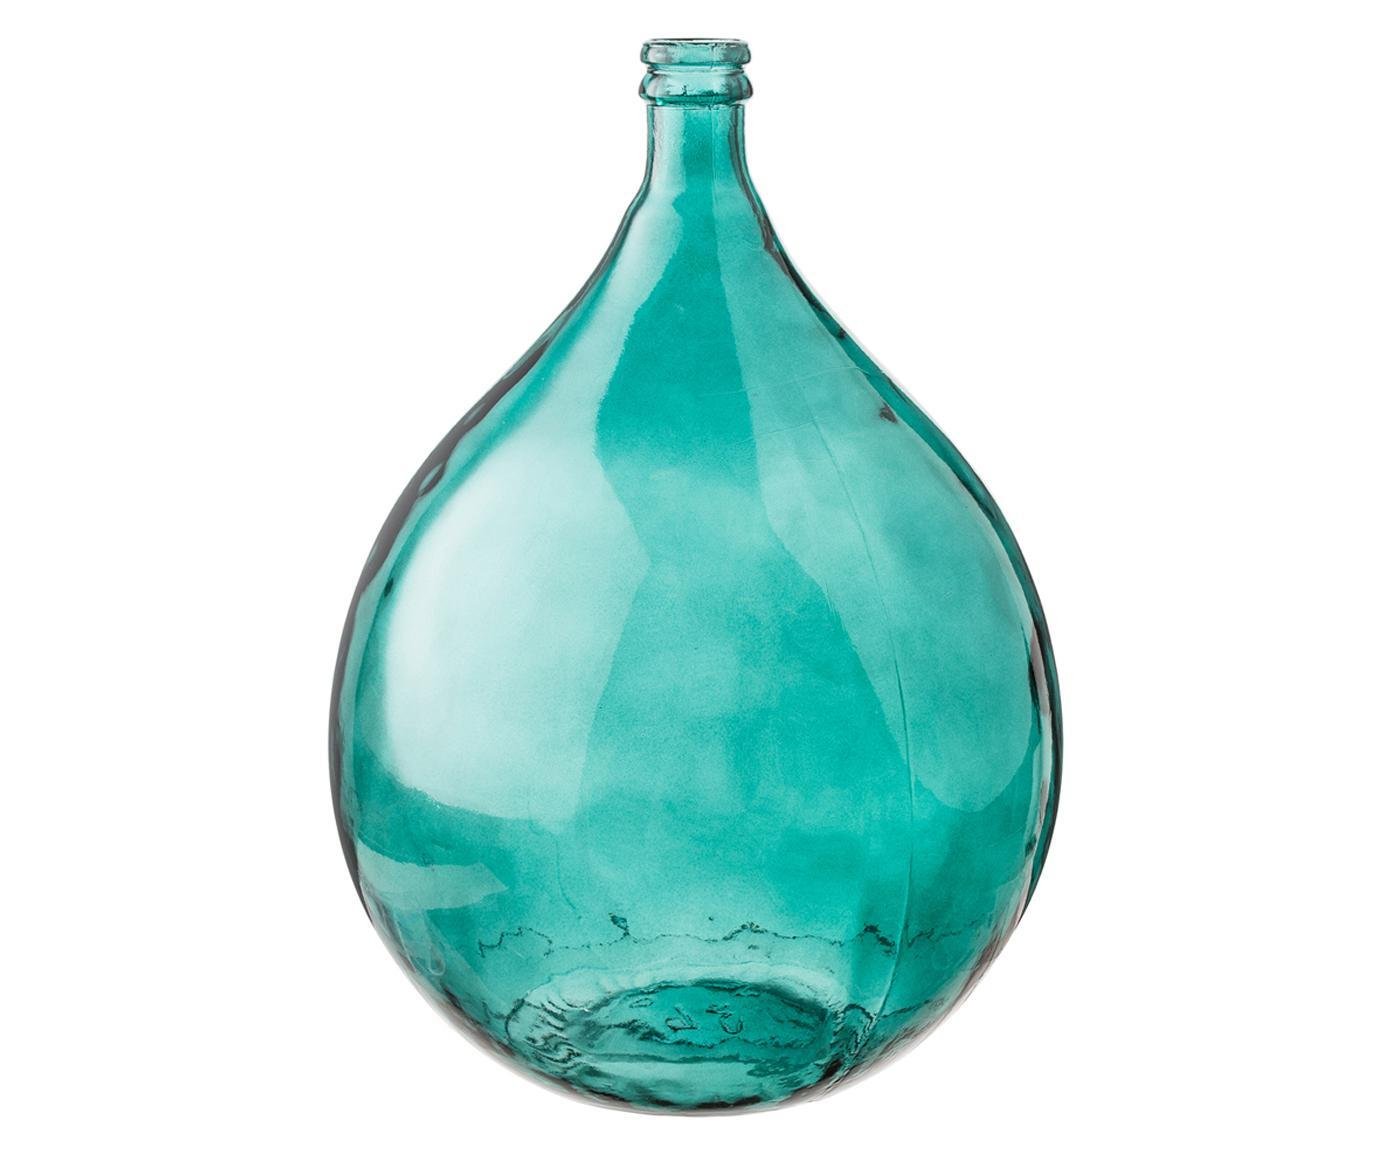 Wazon podłogowy ze szkła z recyklingu Drop, Szkło recyklingowe, Morski, Ø 40 x W 56 cm